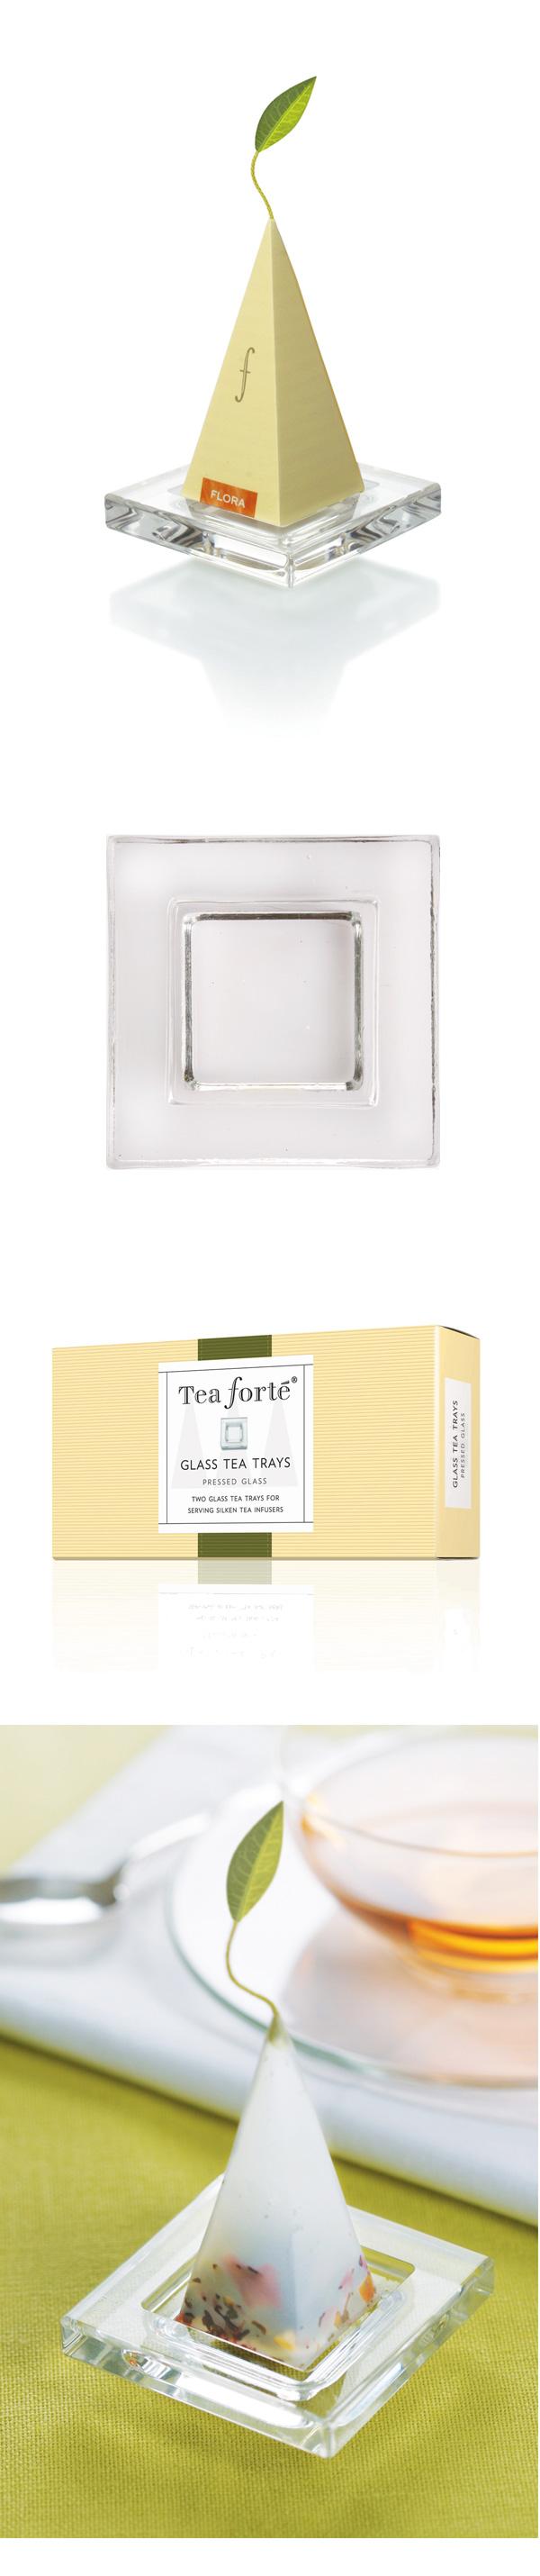 Tea Forte 2入玻璃方型茶托